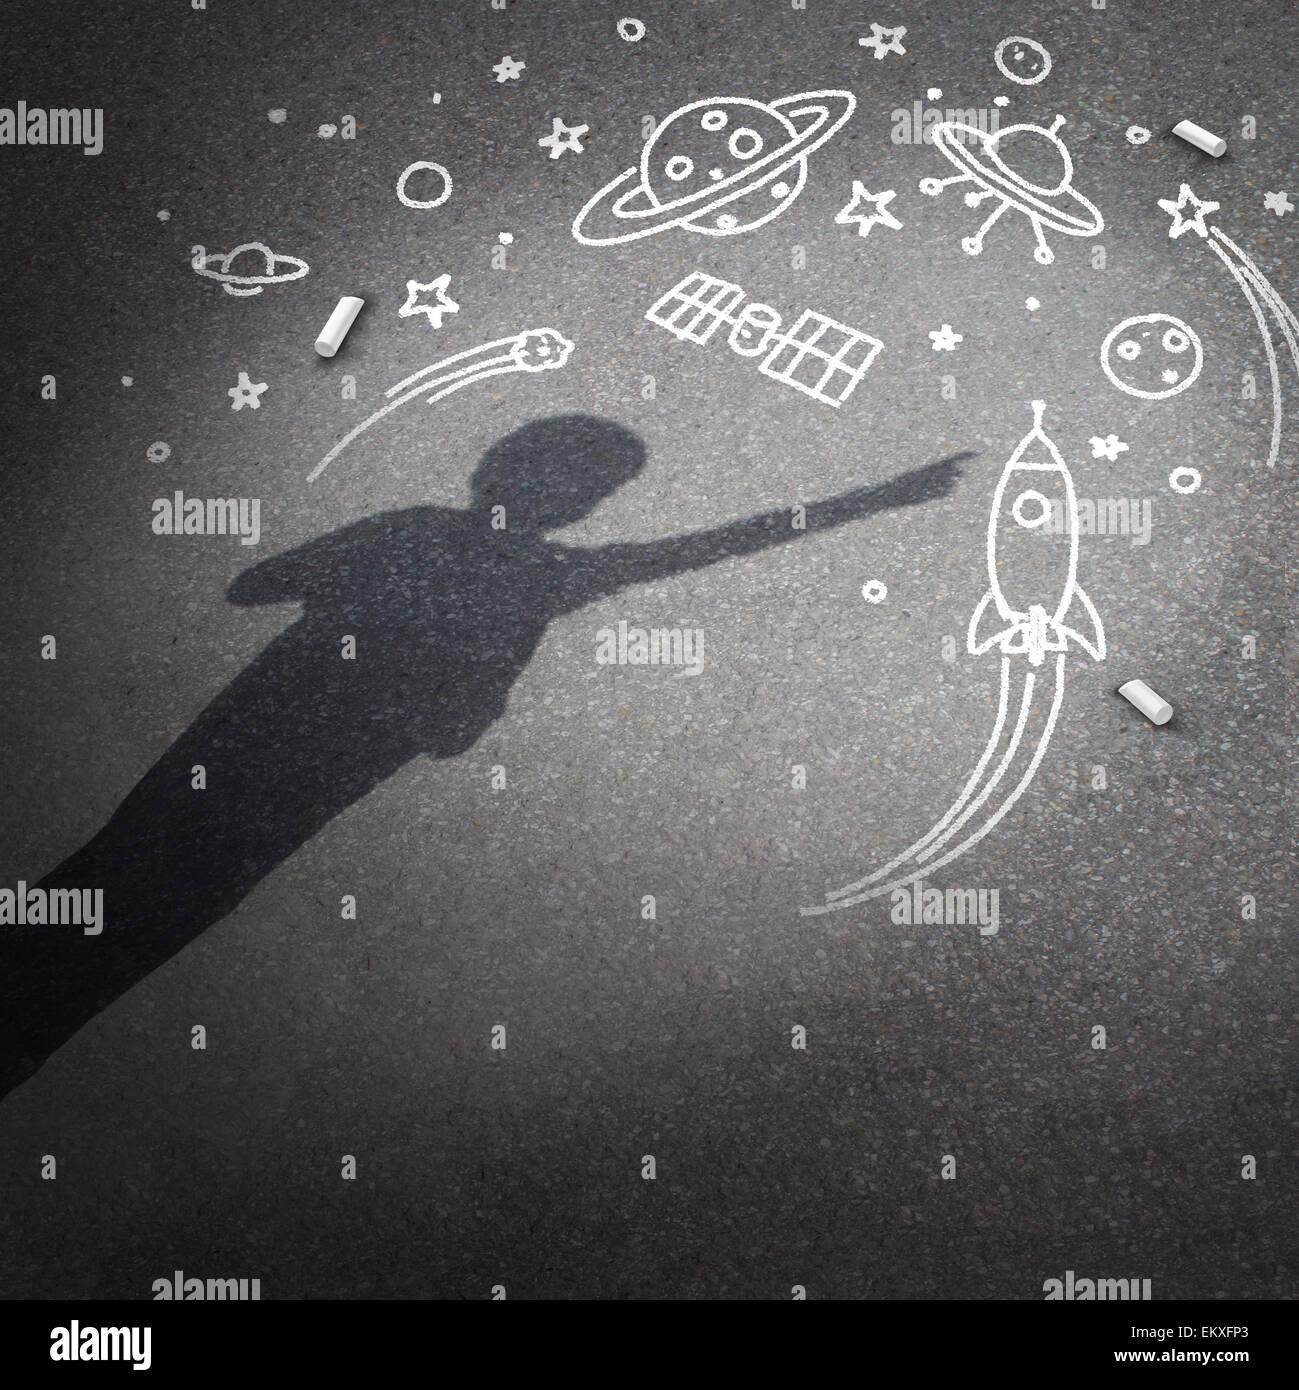 Kind Raum Traum als Kindheit Phantasie Konzept mit einem Schlagschatten von einem Kind träumt, ein Astronaut Stockbild